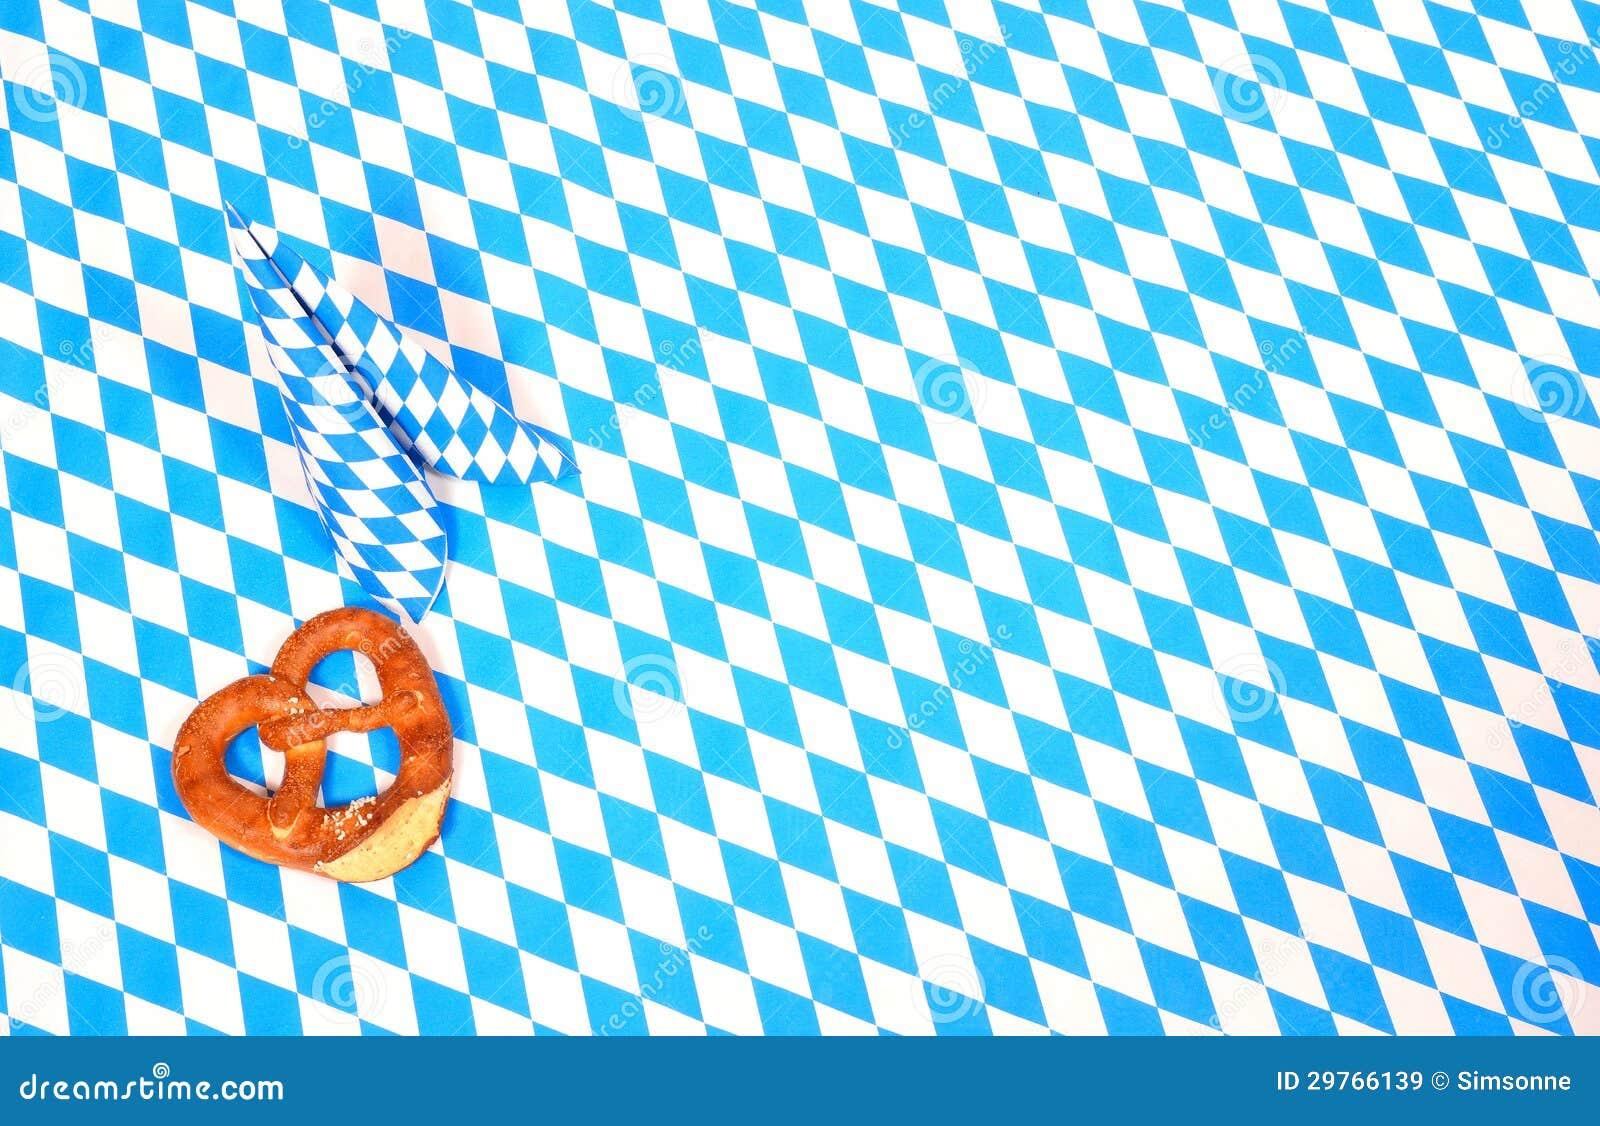 pattern royalty background patterns - photo #43